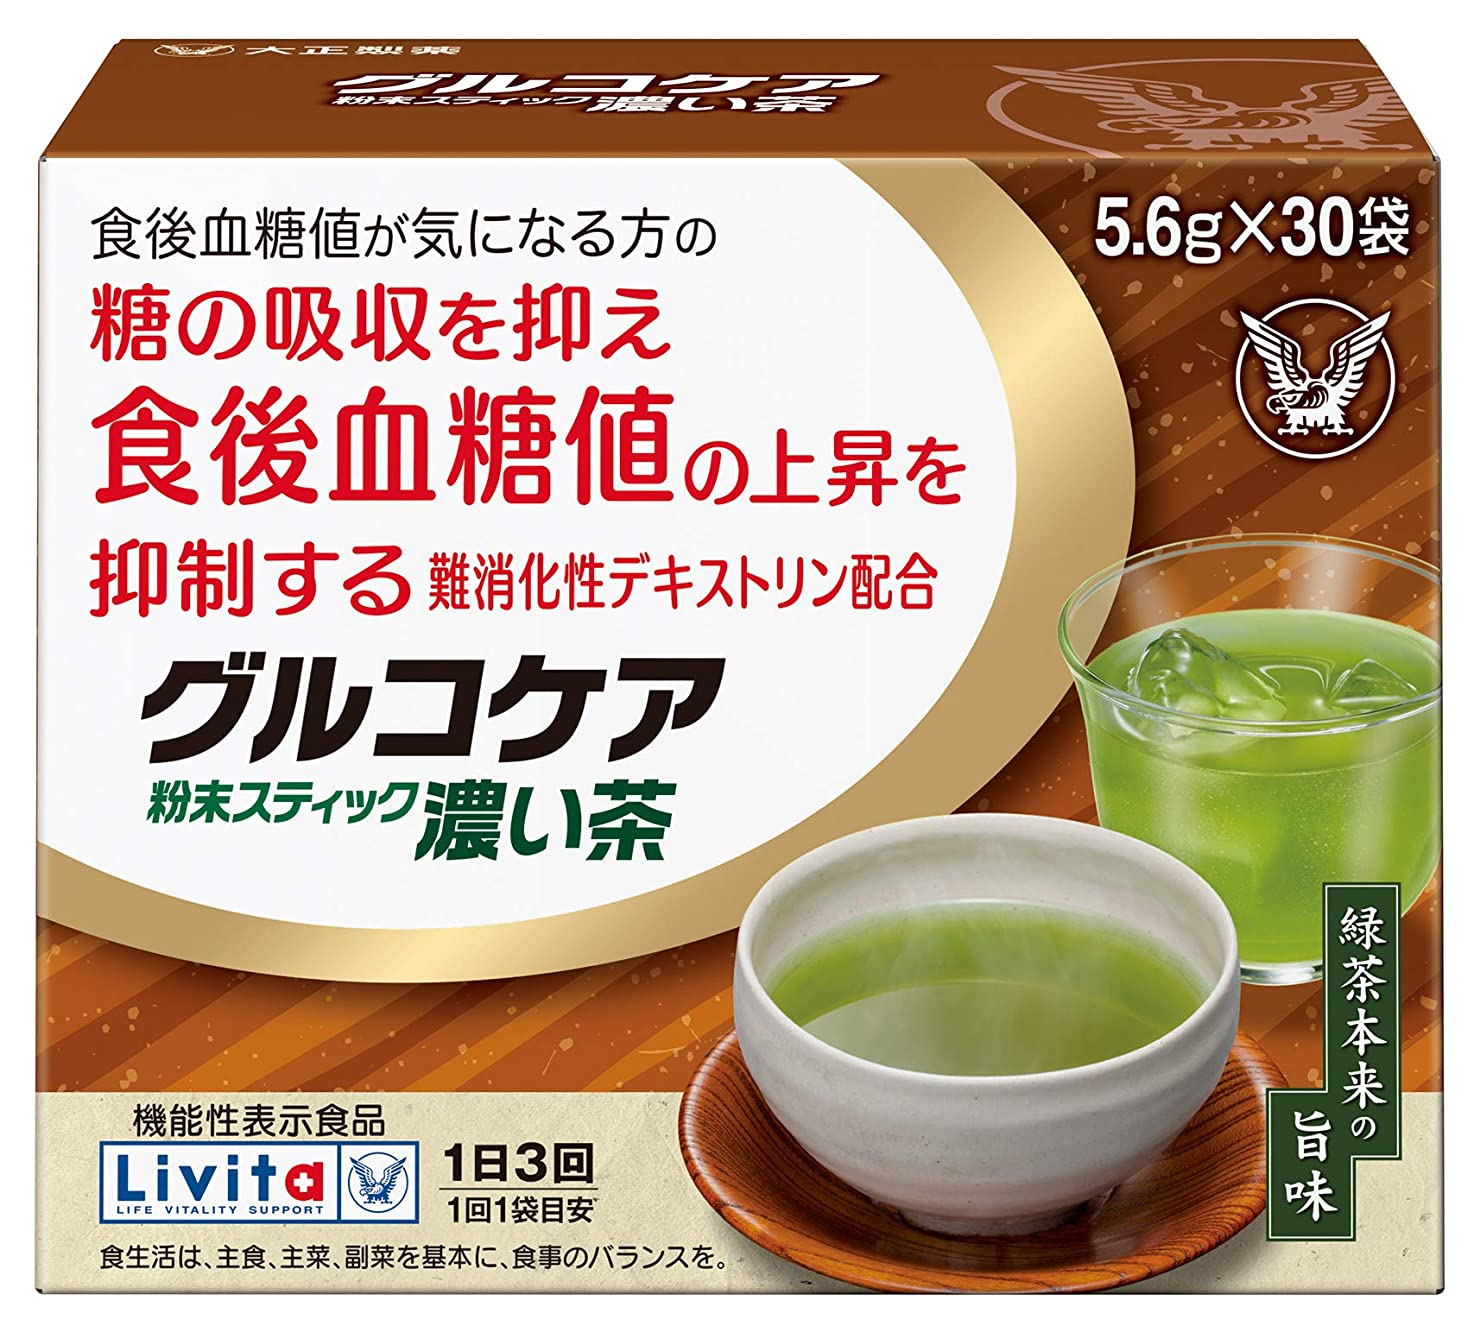 使役害外向きグルコケア粉末スティック濃い茶 5.6g×30袋